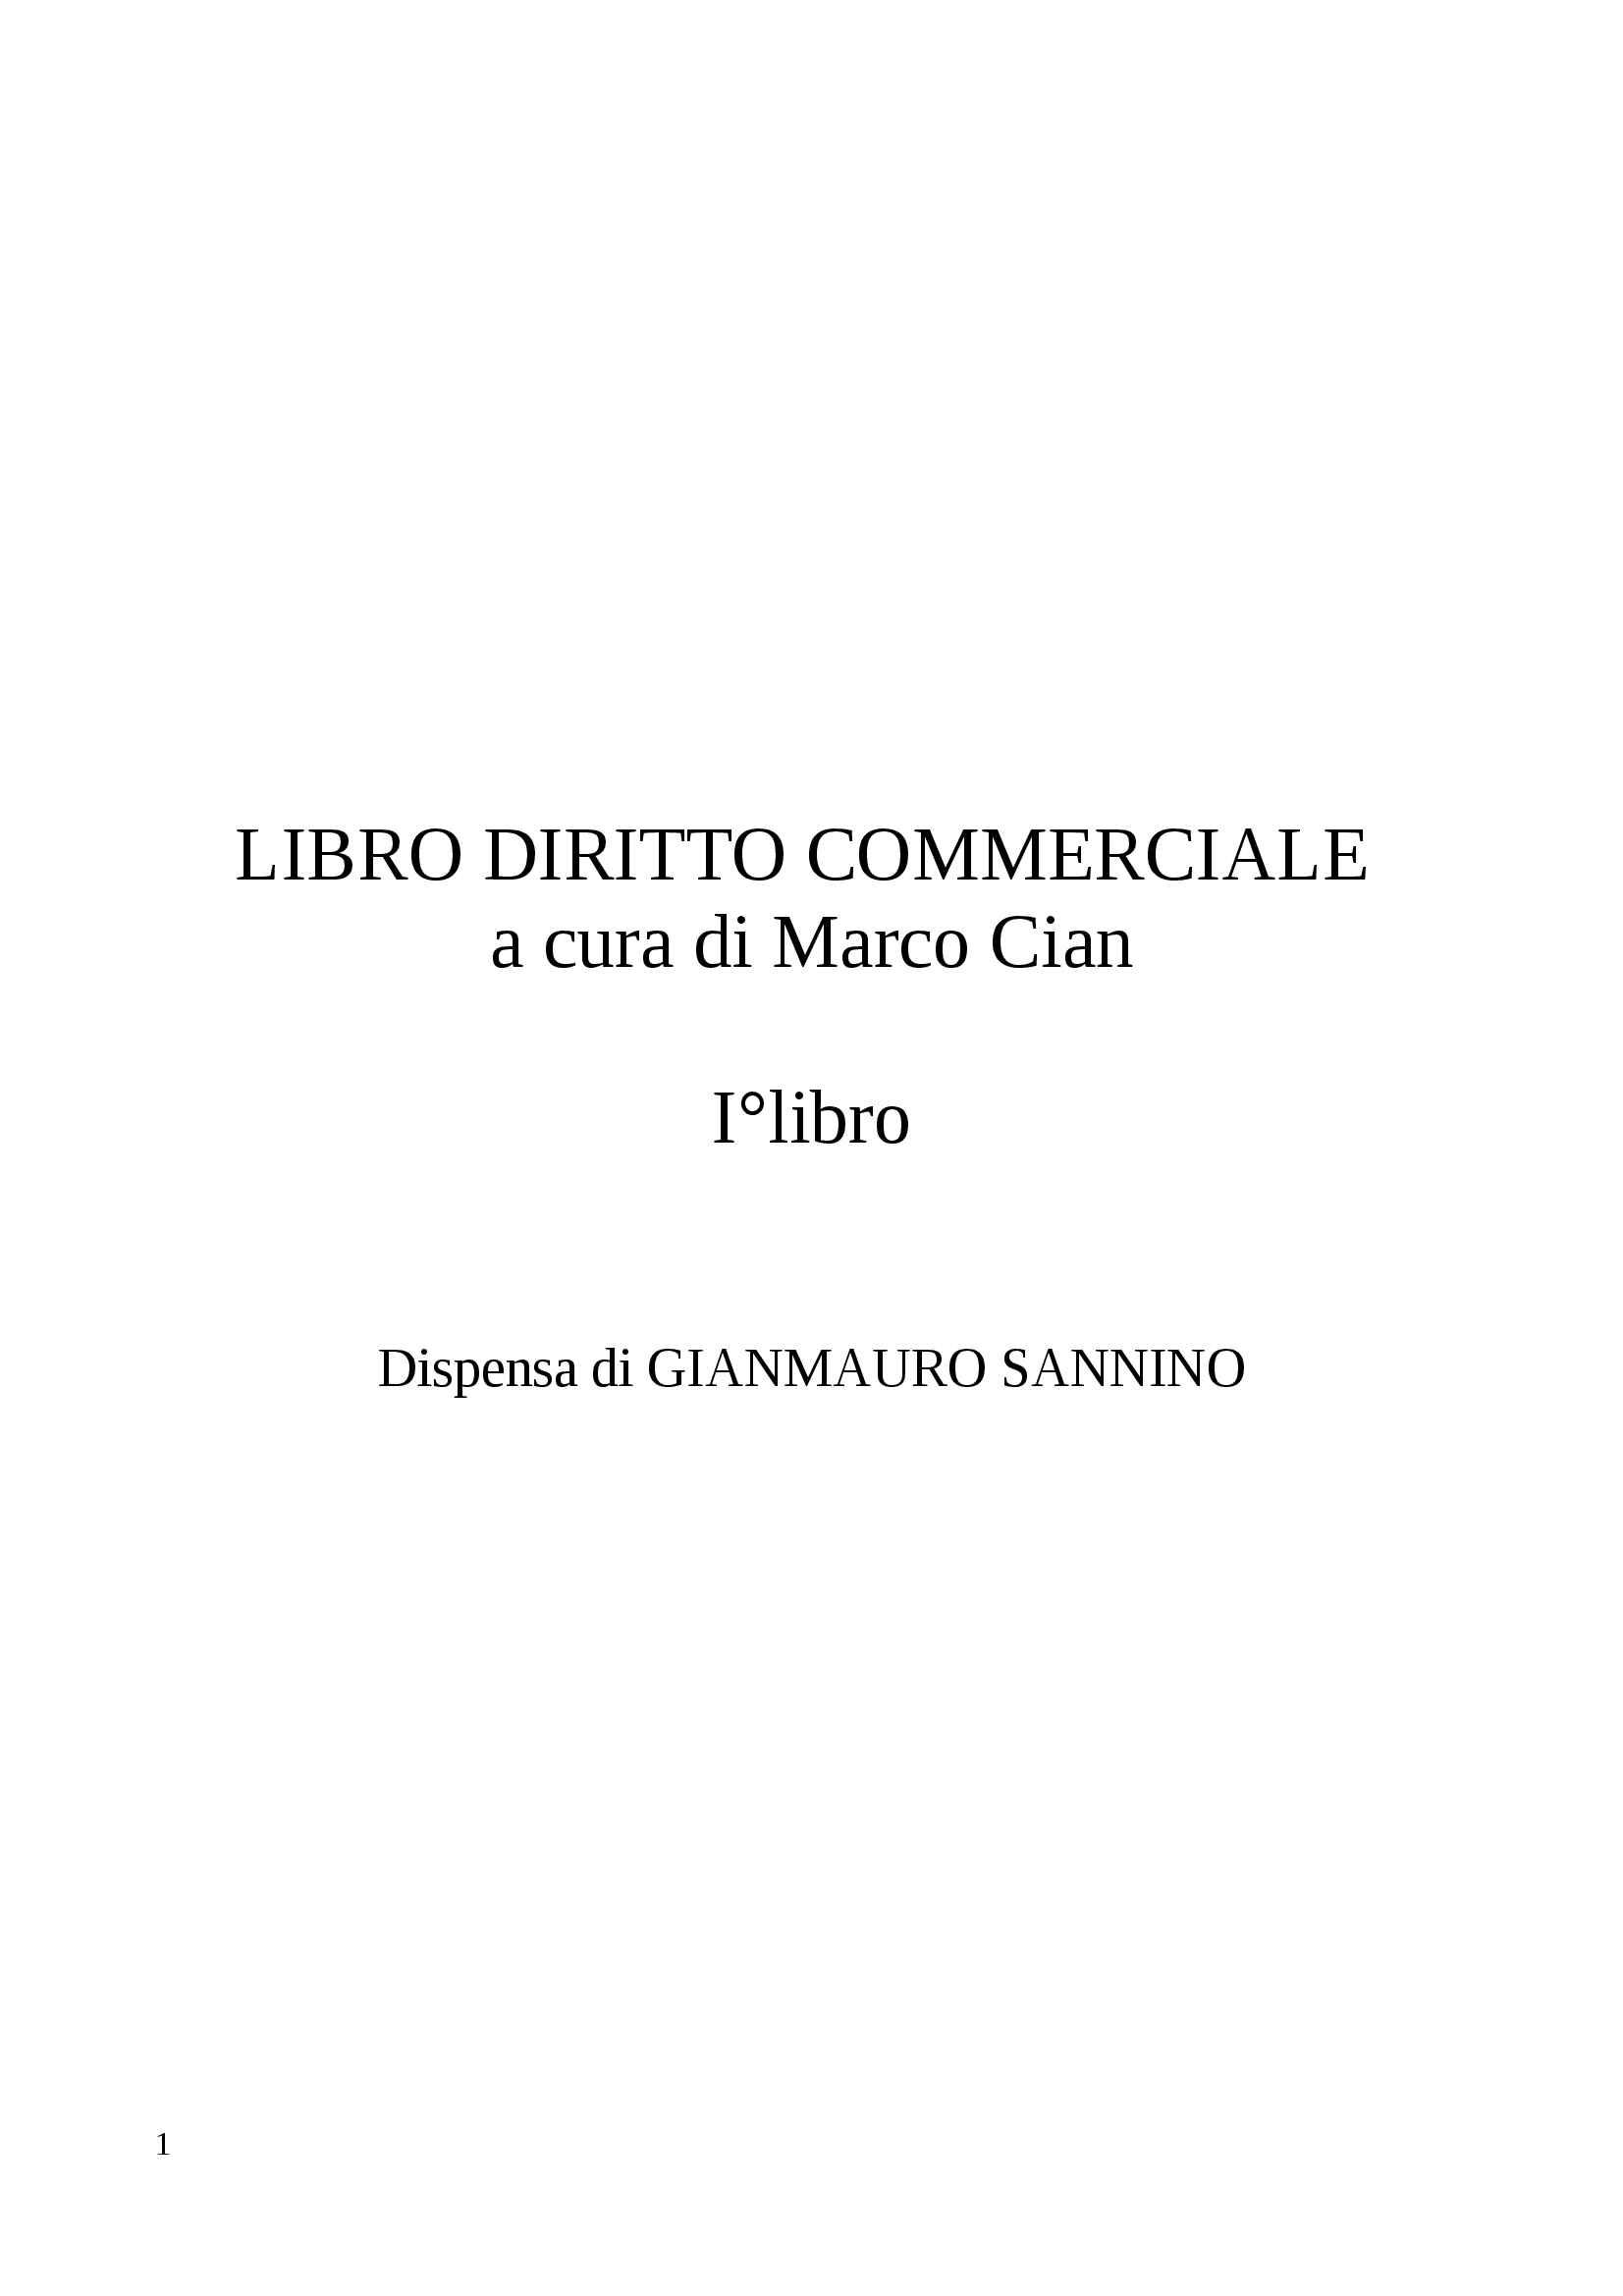 Riassunto esame diritto commerciale, docente Santagata, libro consigliato diritto commerciale a cura di Marco Cian, Giappichelli